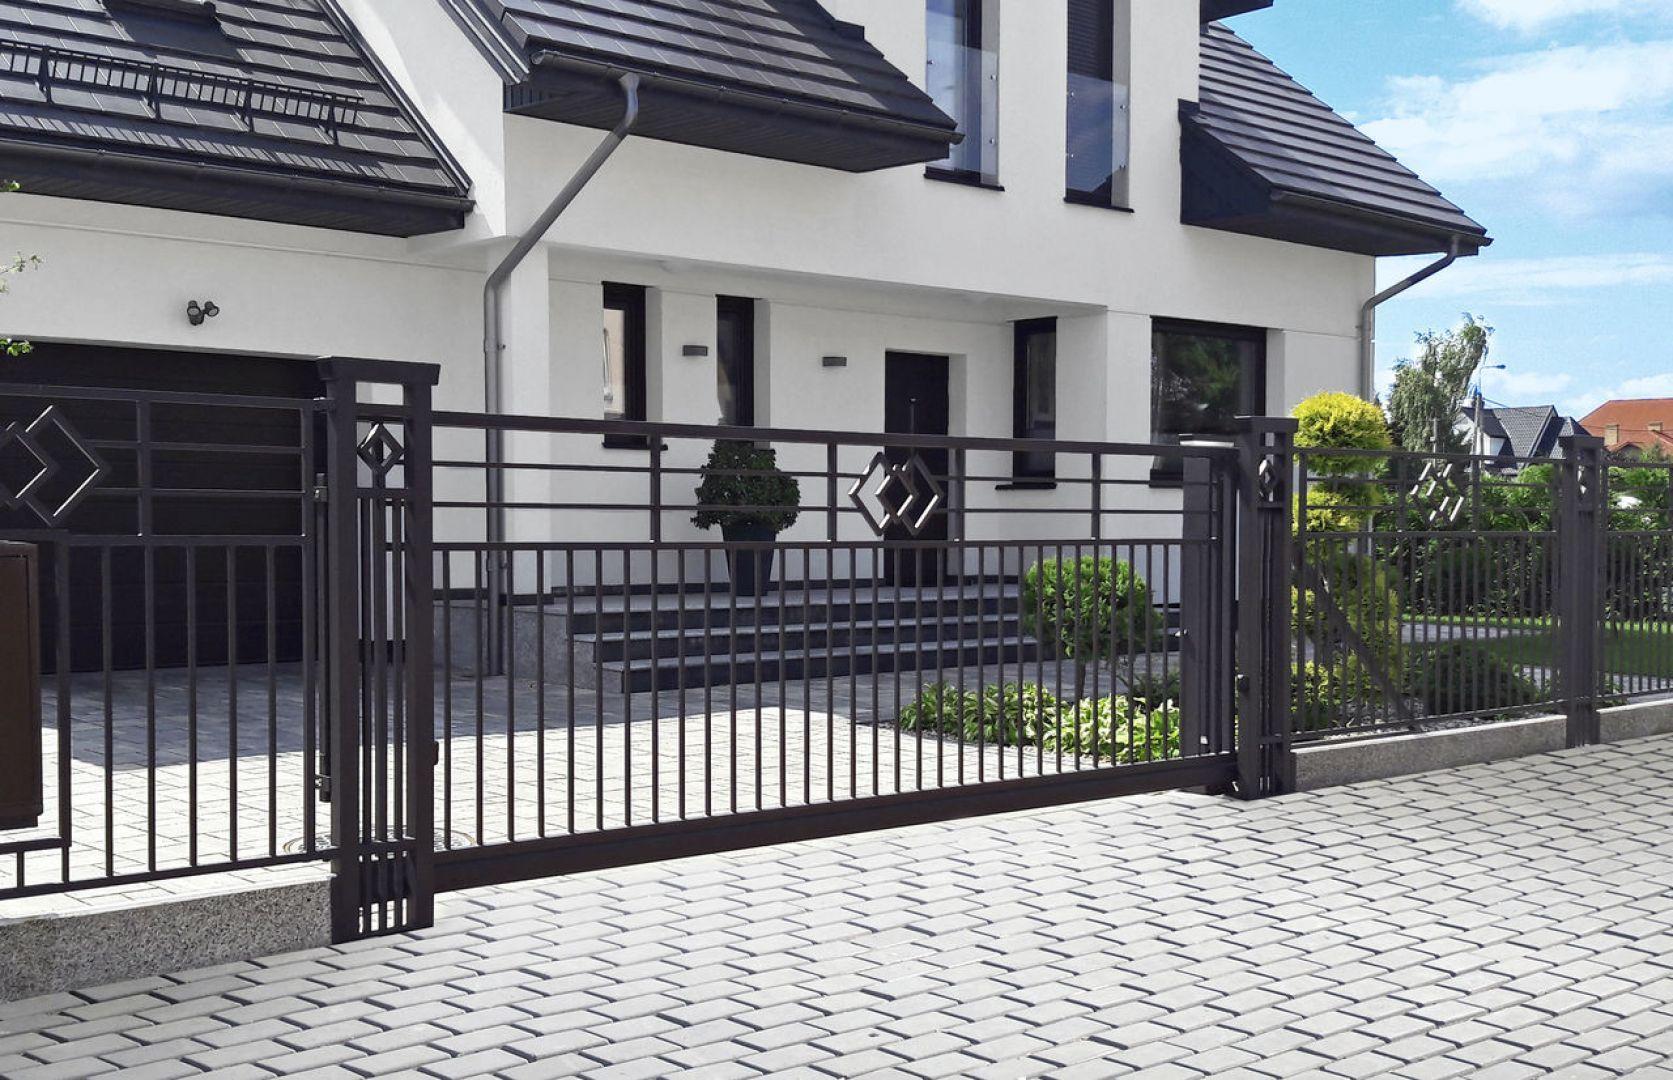 Zwykle wybór ogrodzenia zależy w głównej mierze od gustu i oczekiwań inwestora. Fot. Plast-Met Systemy Ogrodzeniowe